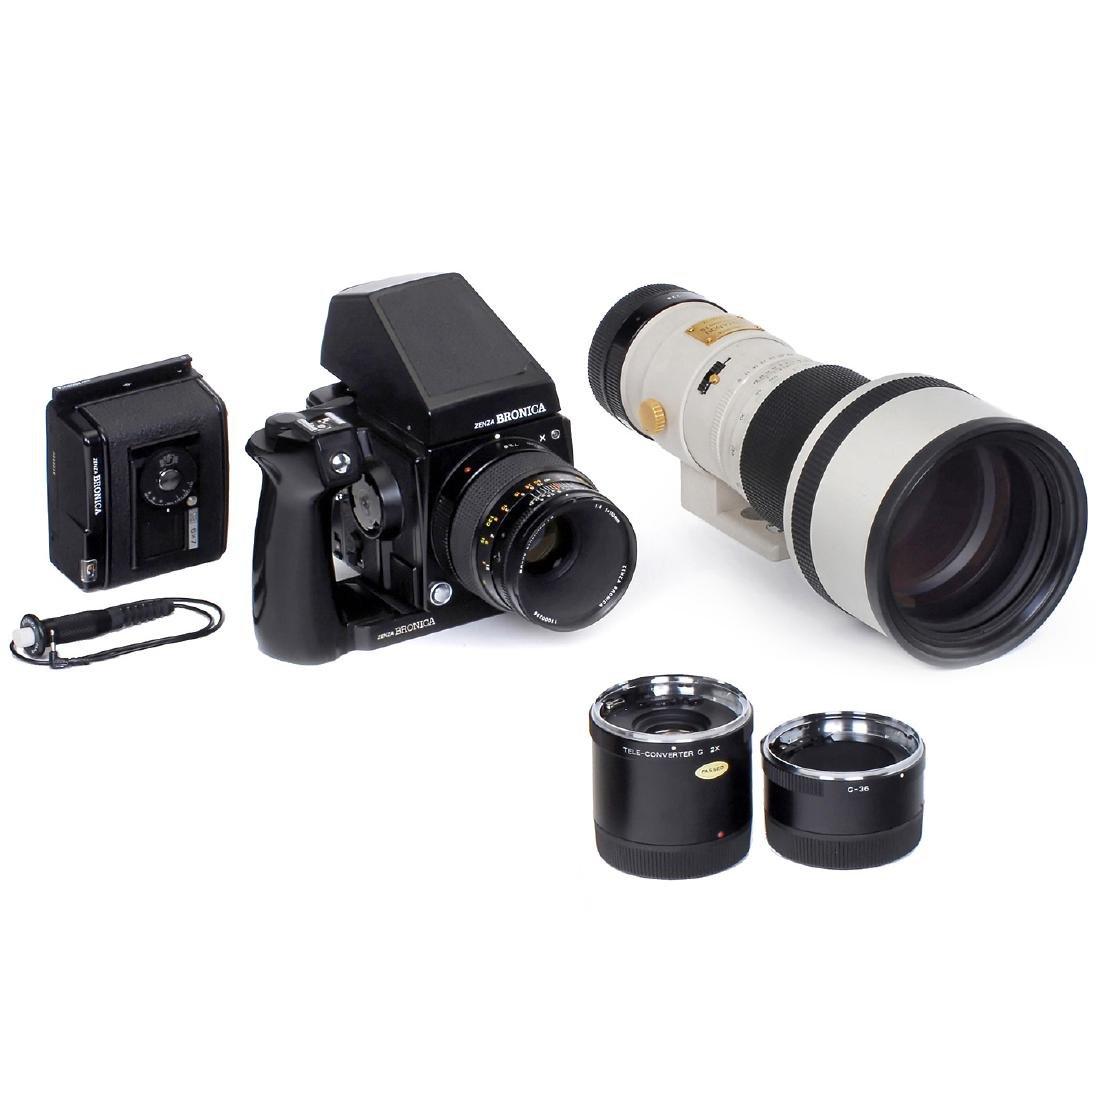 Zenzanon PG 8/500 mm with Zenza Bronica GS-1